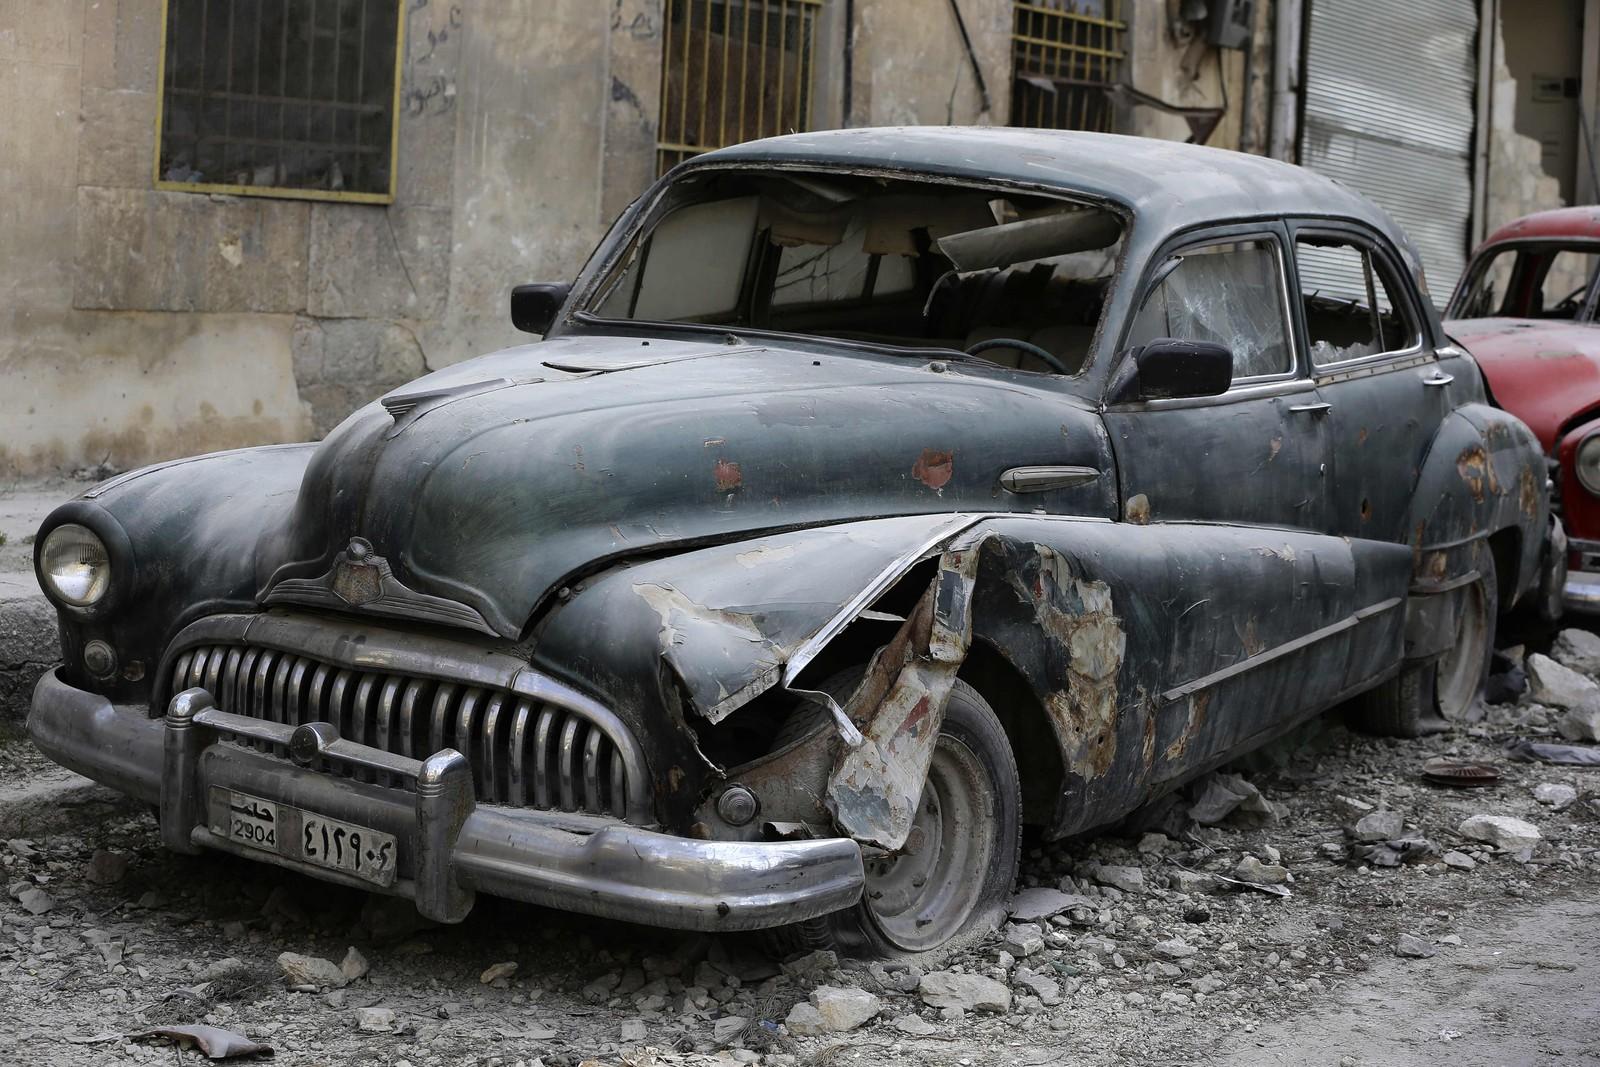 Mohammad Anis har flere biler av merket Buick. Denne er en 1948-modell.